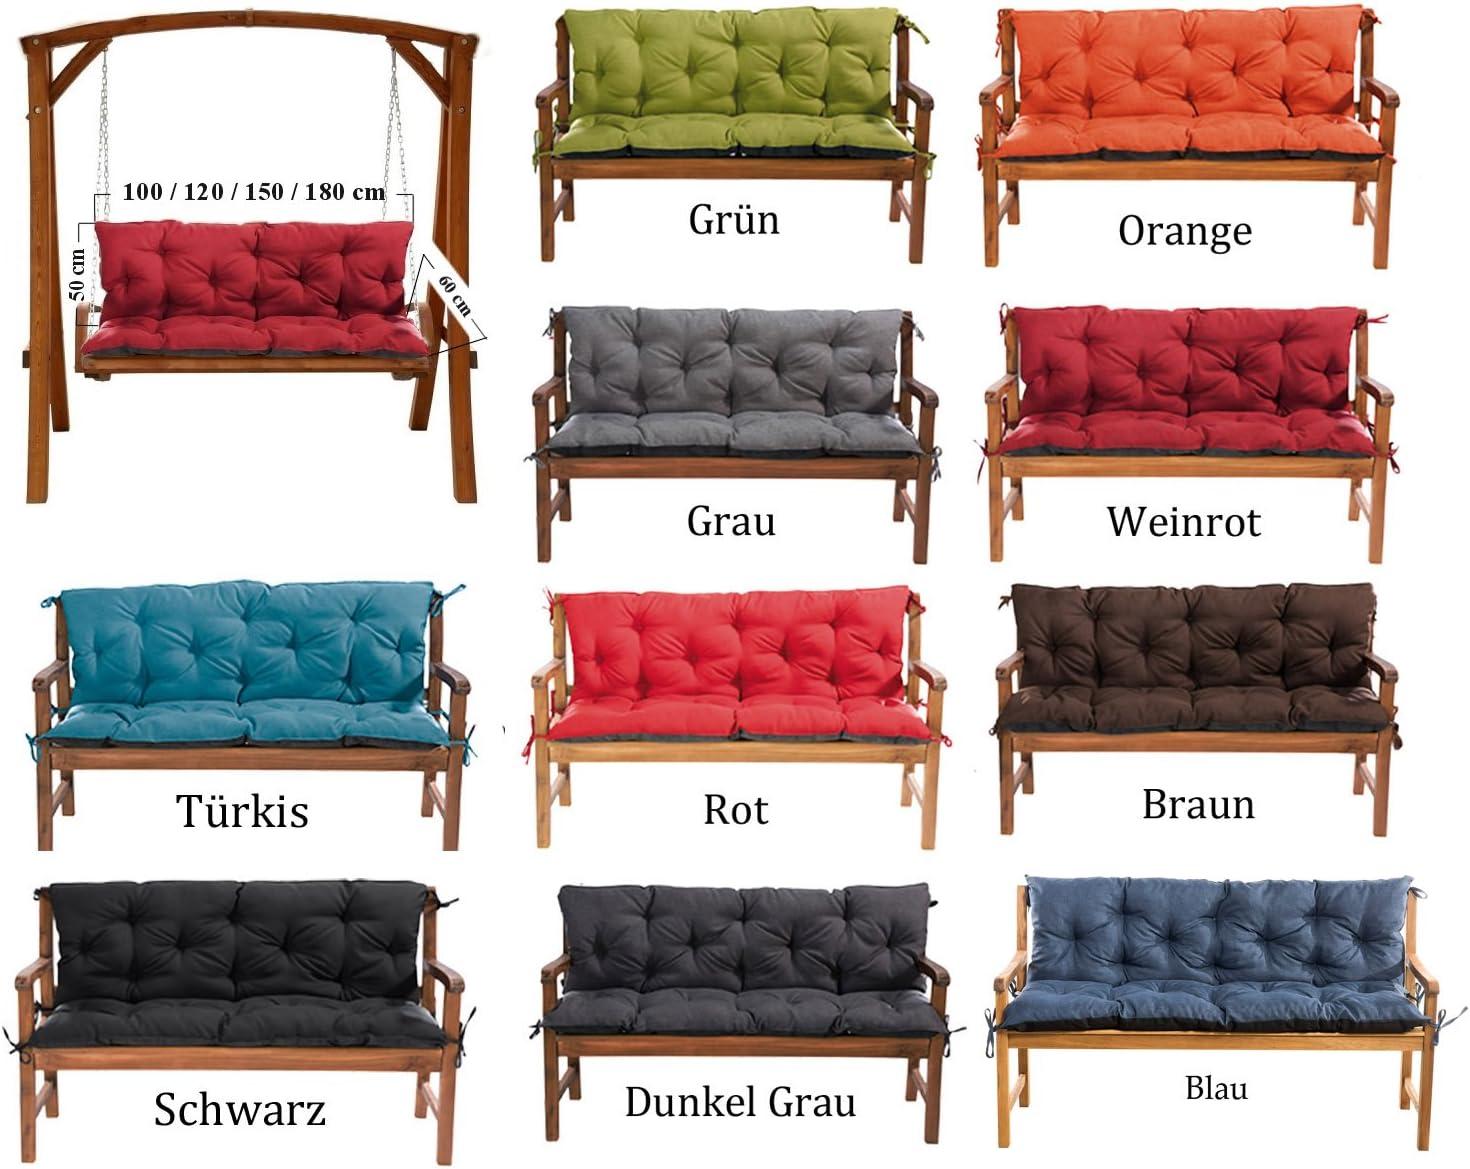 orange MH Gartenbankauflage Bankauflage Bankkissen Sitzkissen 180 x 60 x 50 cm Polsterauflage Sitzpolster